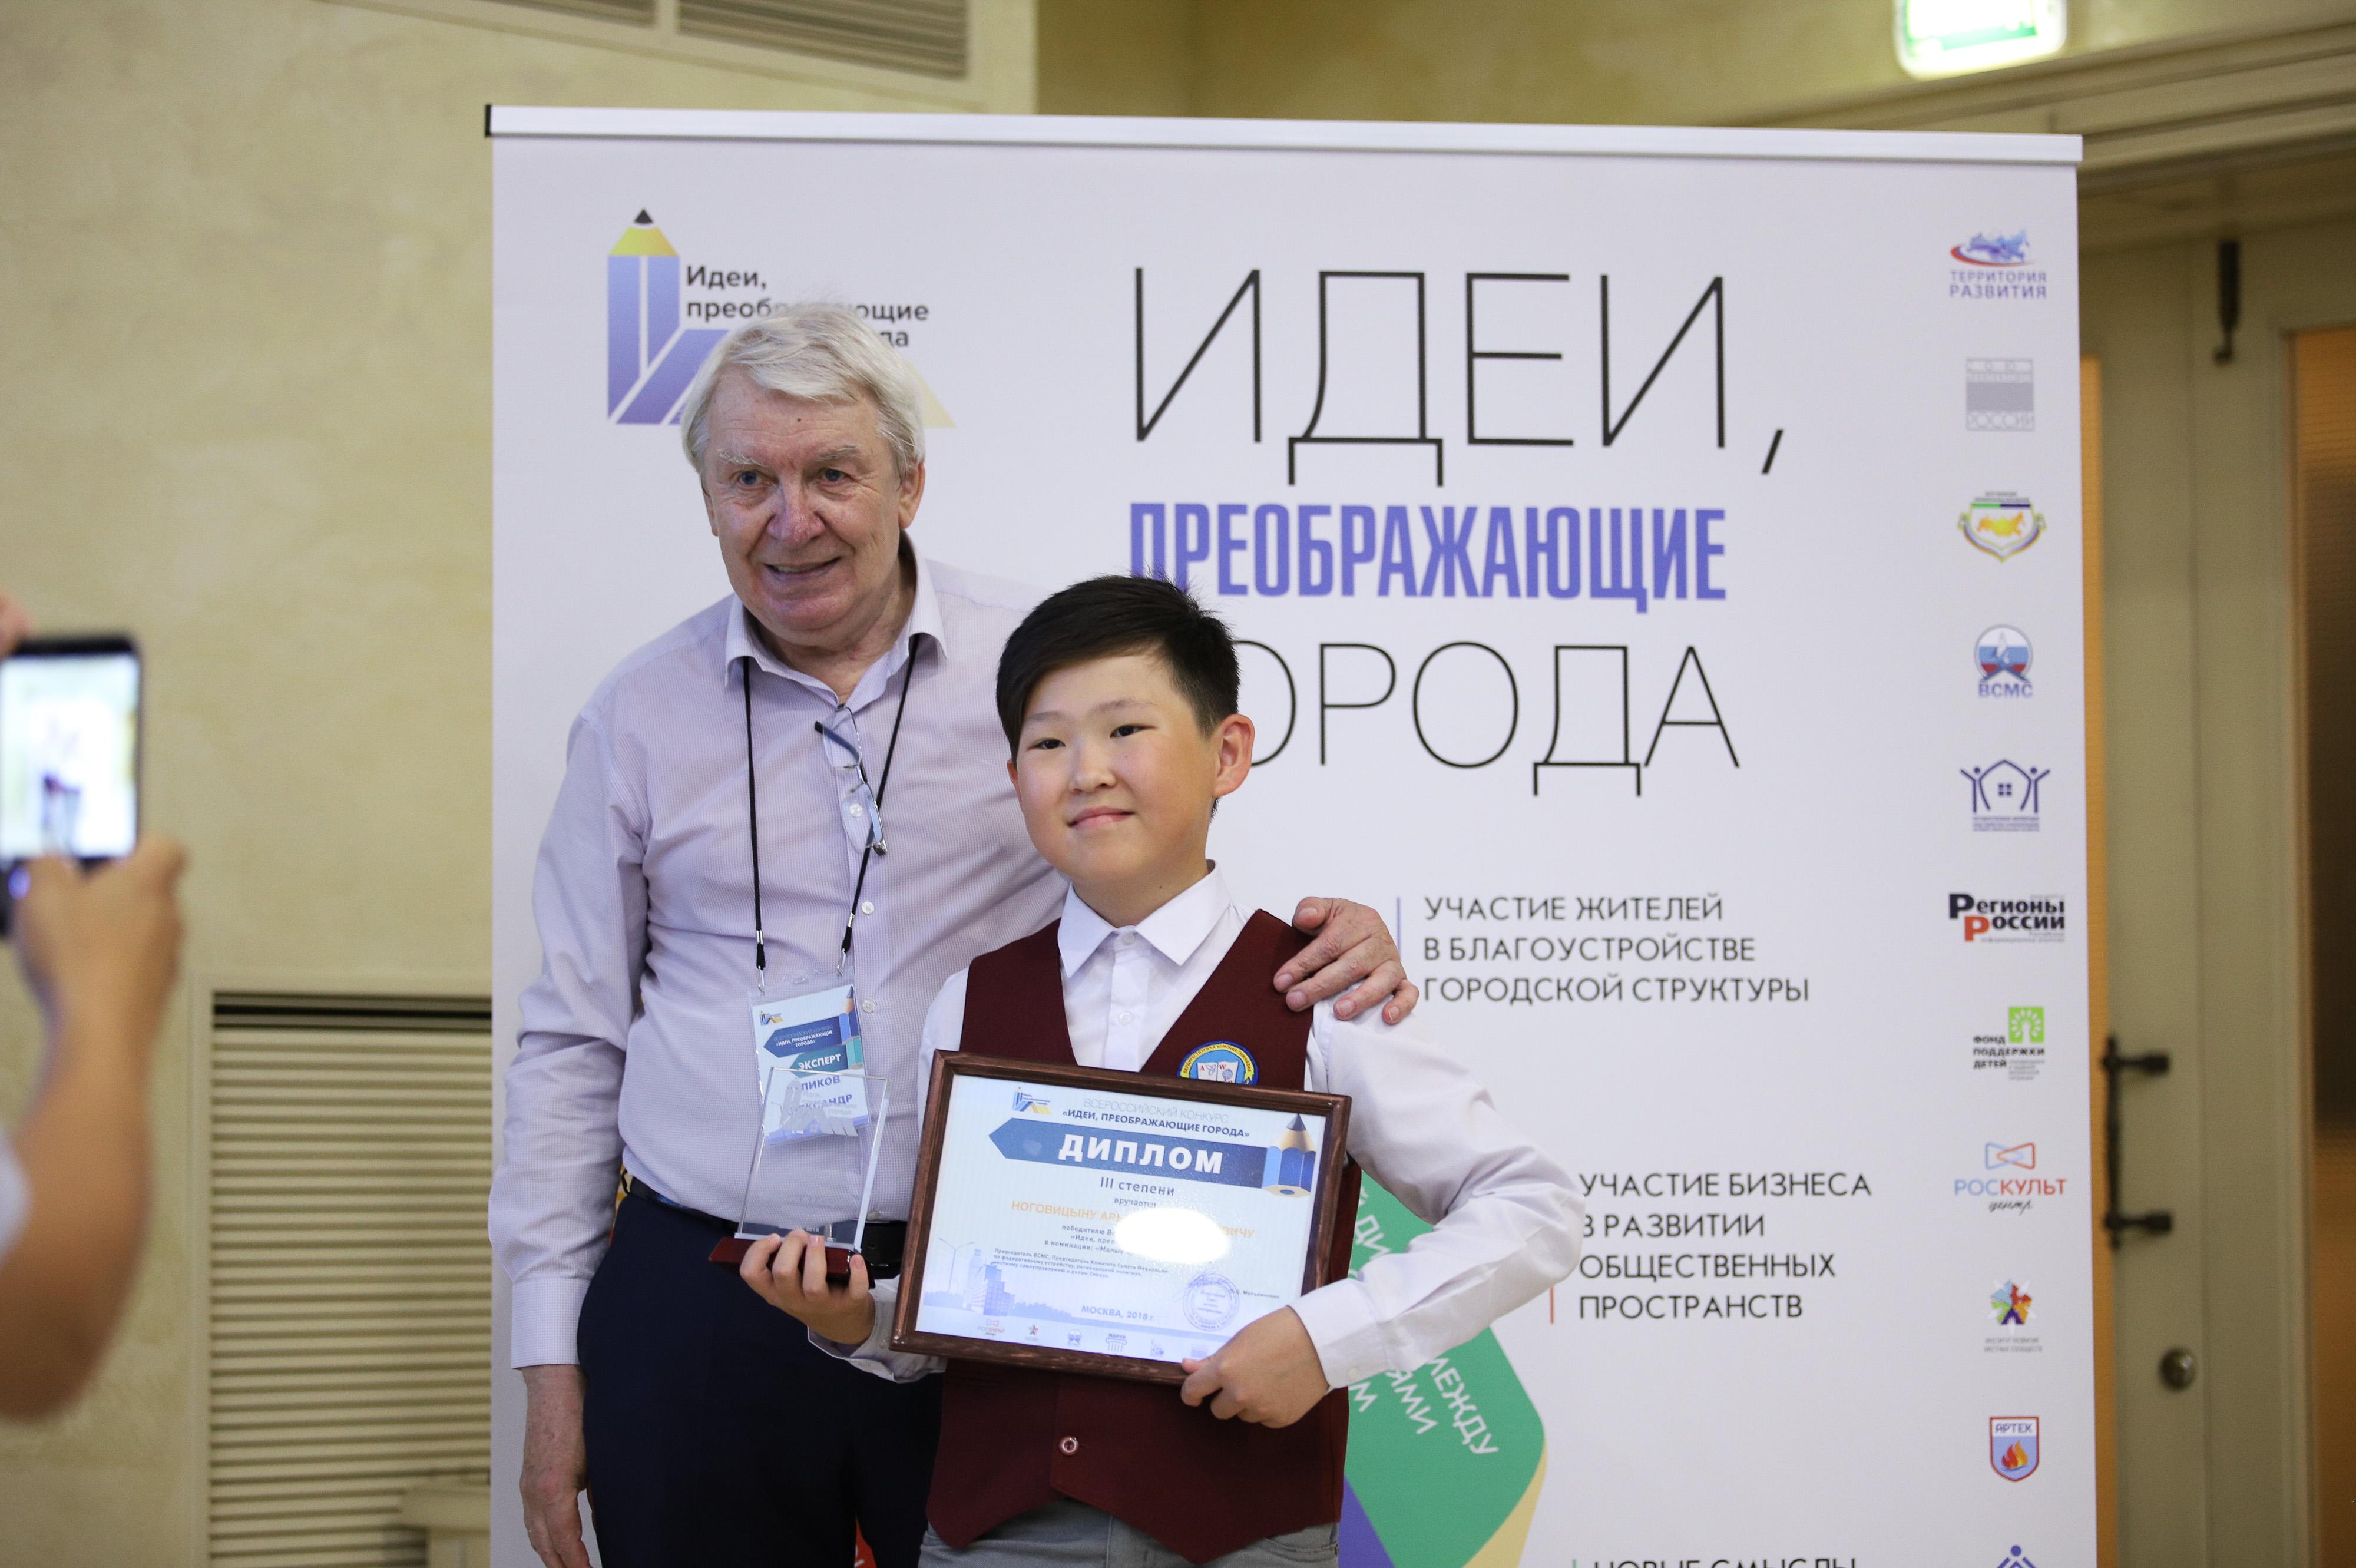 Проект школьника из Якутии стал третьим в конкурсе «Идеи, преображающие города»